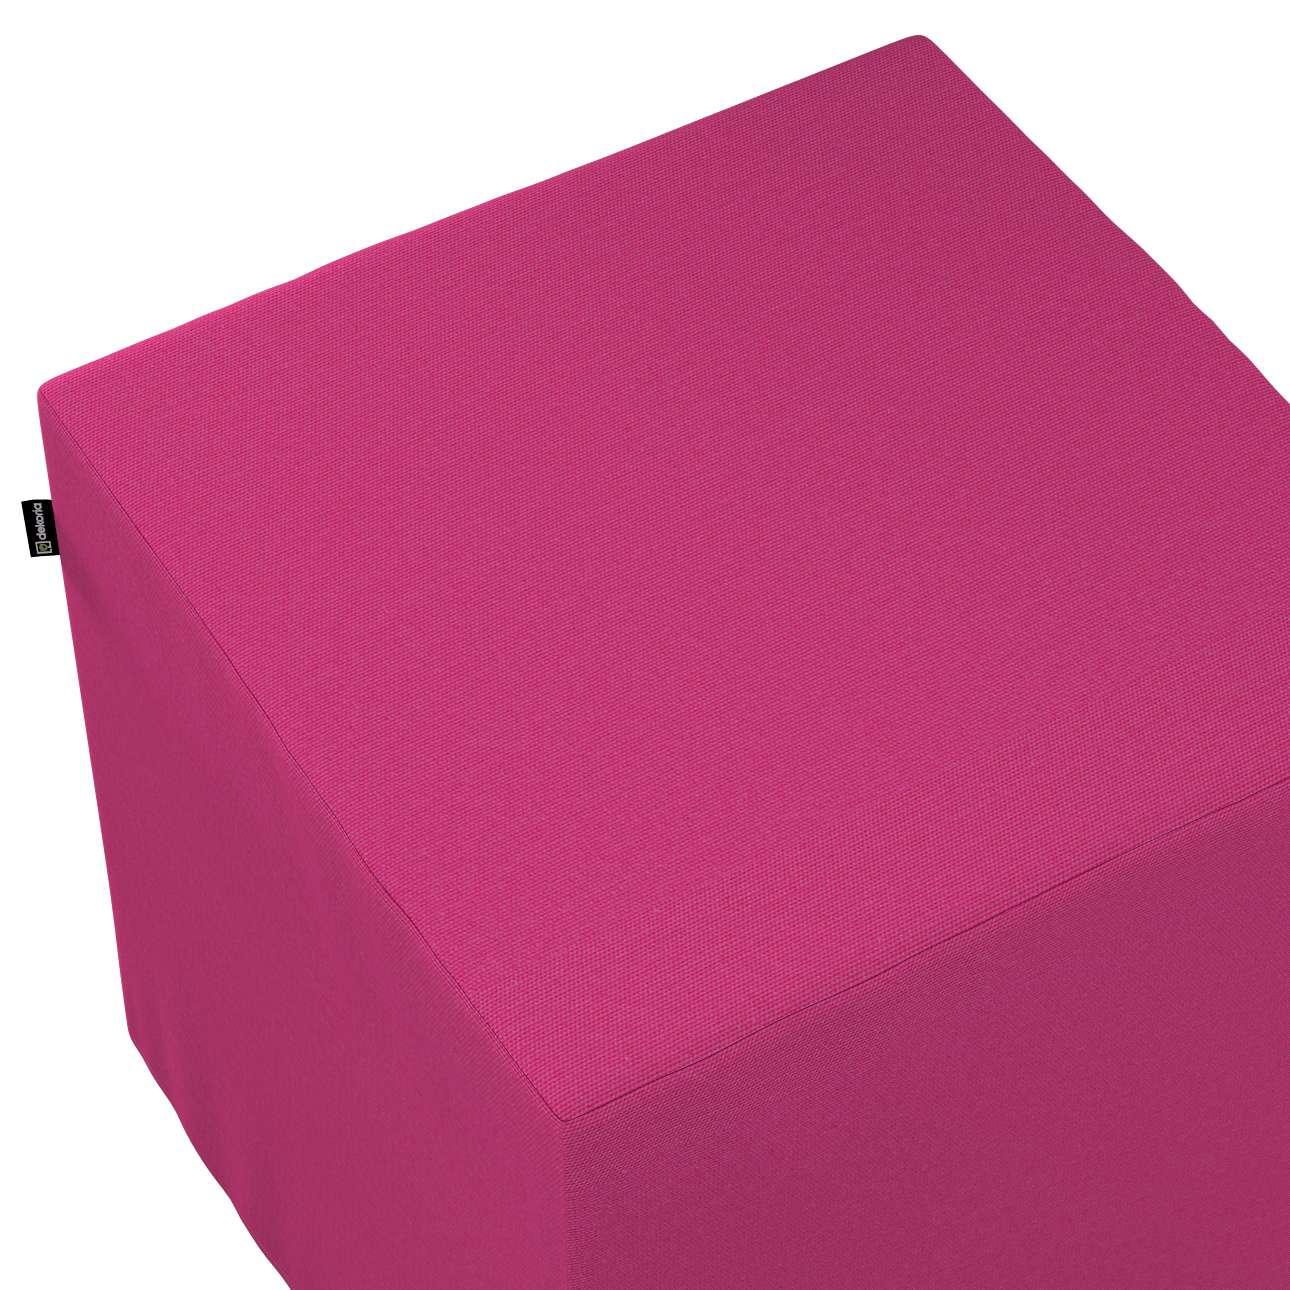 Taburetka tvrdá, kocka V kolekcii Loneta, tkanina: 133-60